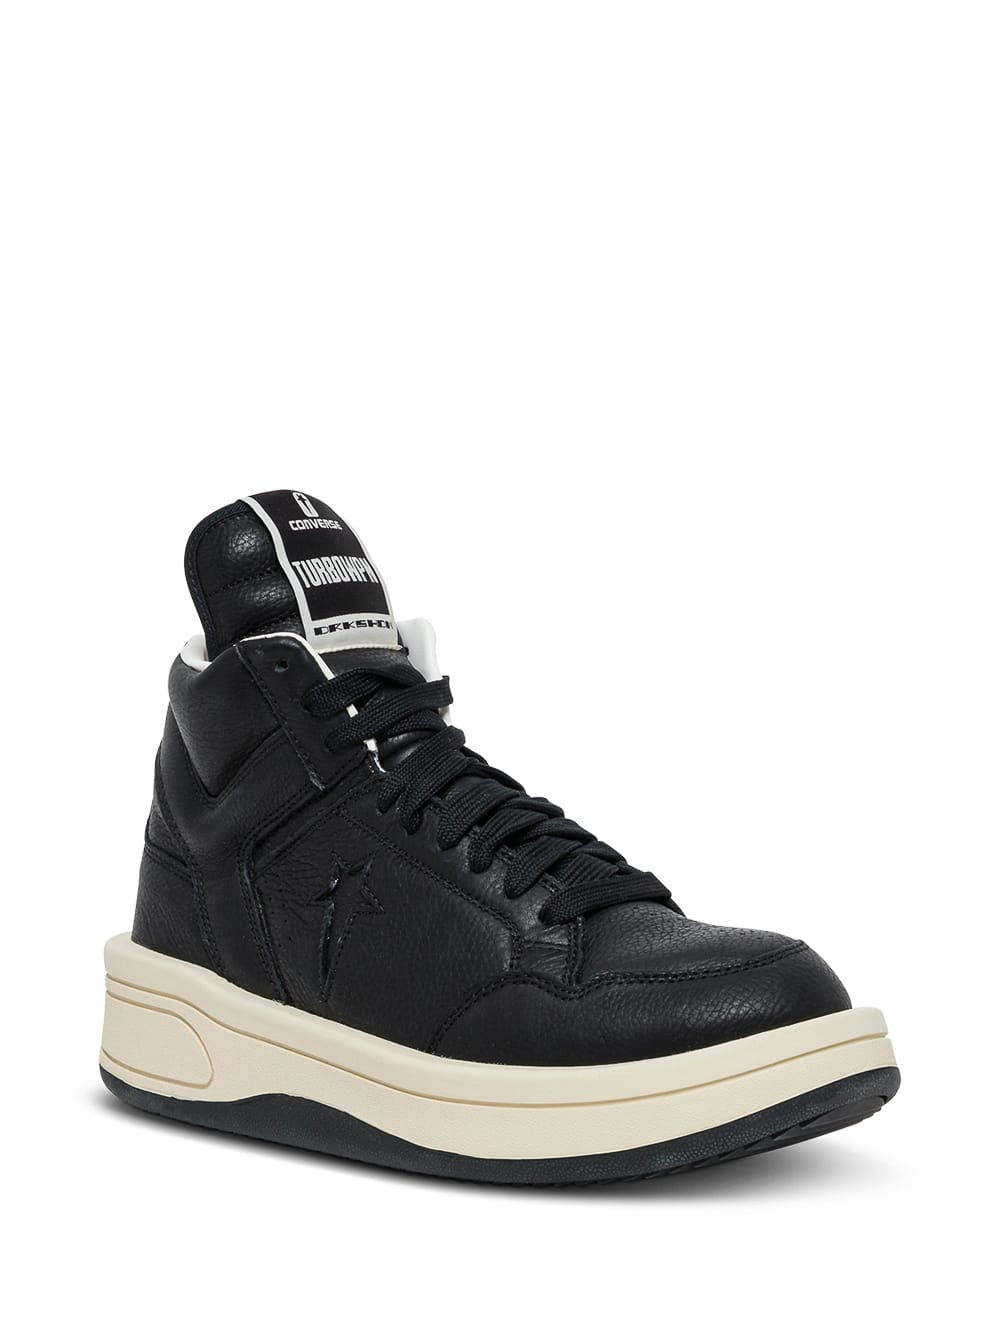 Turbowpn Sneakers In Black Leather